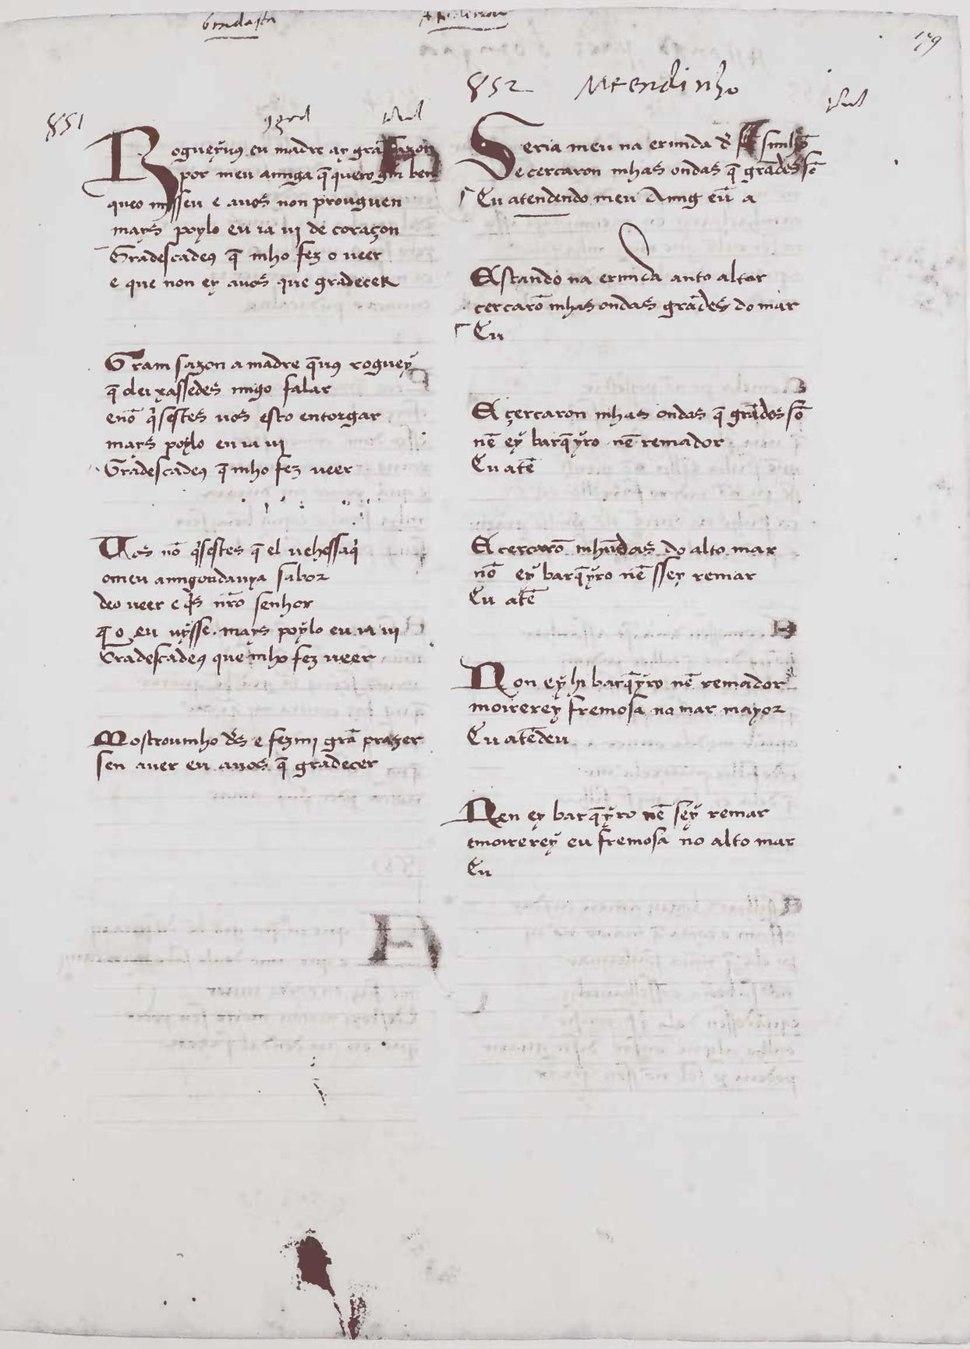 Cancioneiro da Biblioteca Nacional de Lisboa 1525-1526 - 355 f (2 colns, 31-40 lin.) 28 cm.pdf&page=389